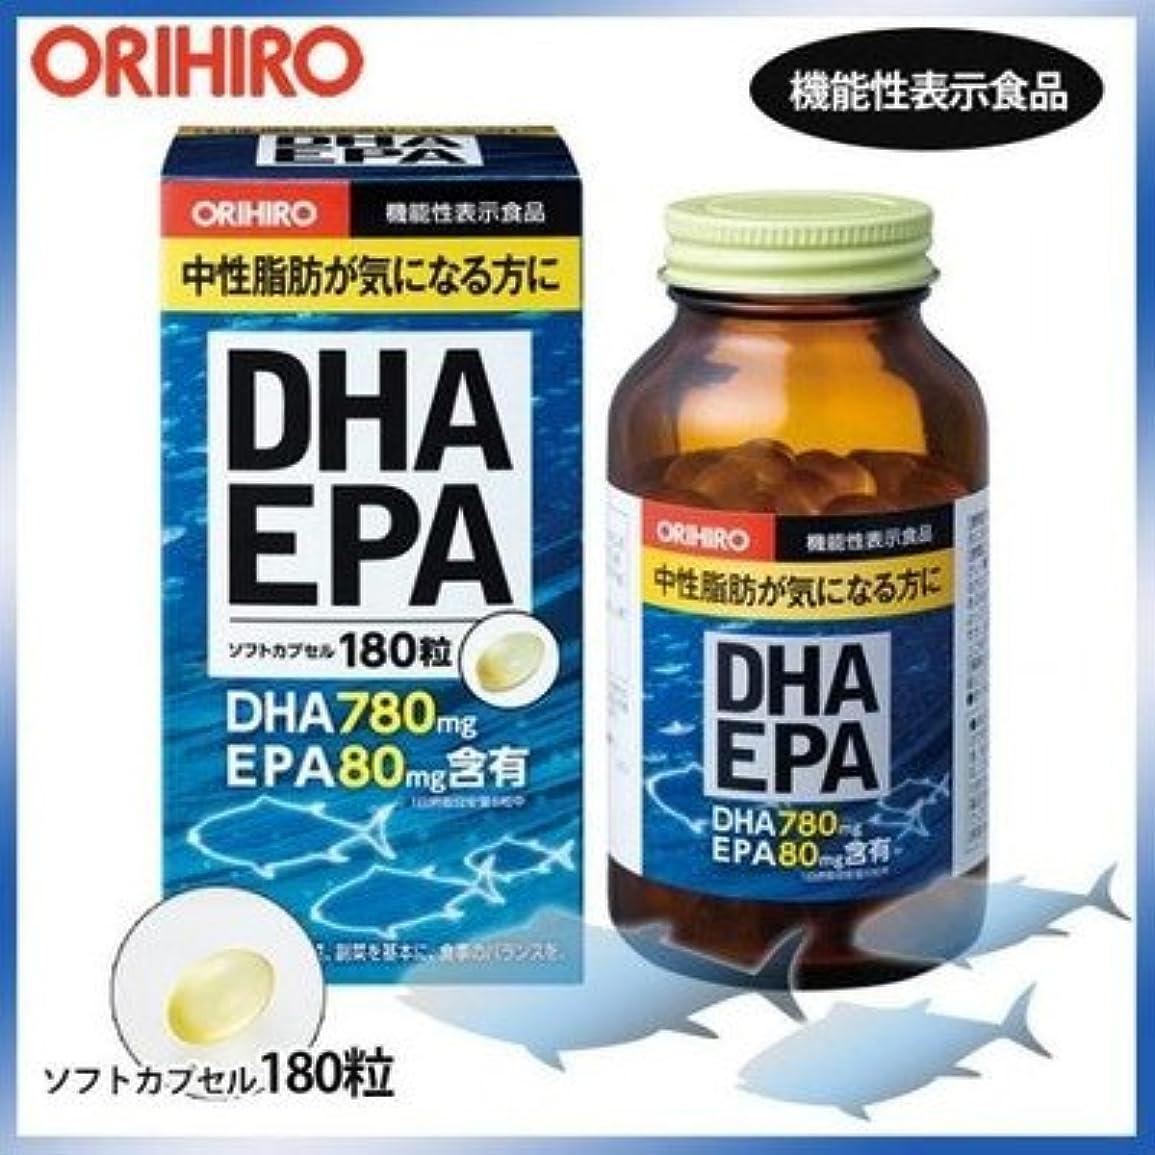 興奮する水っぽい列挙するオリヒロ 機能性表示食品 DHA&EPA ソフトカプセル 180粒(1粒511mg/内容液357mg) 60208210